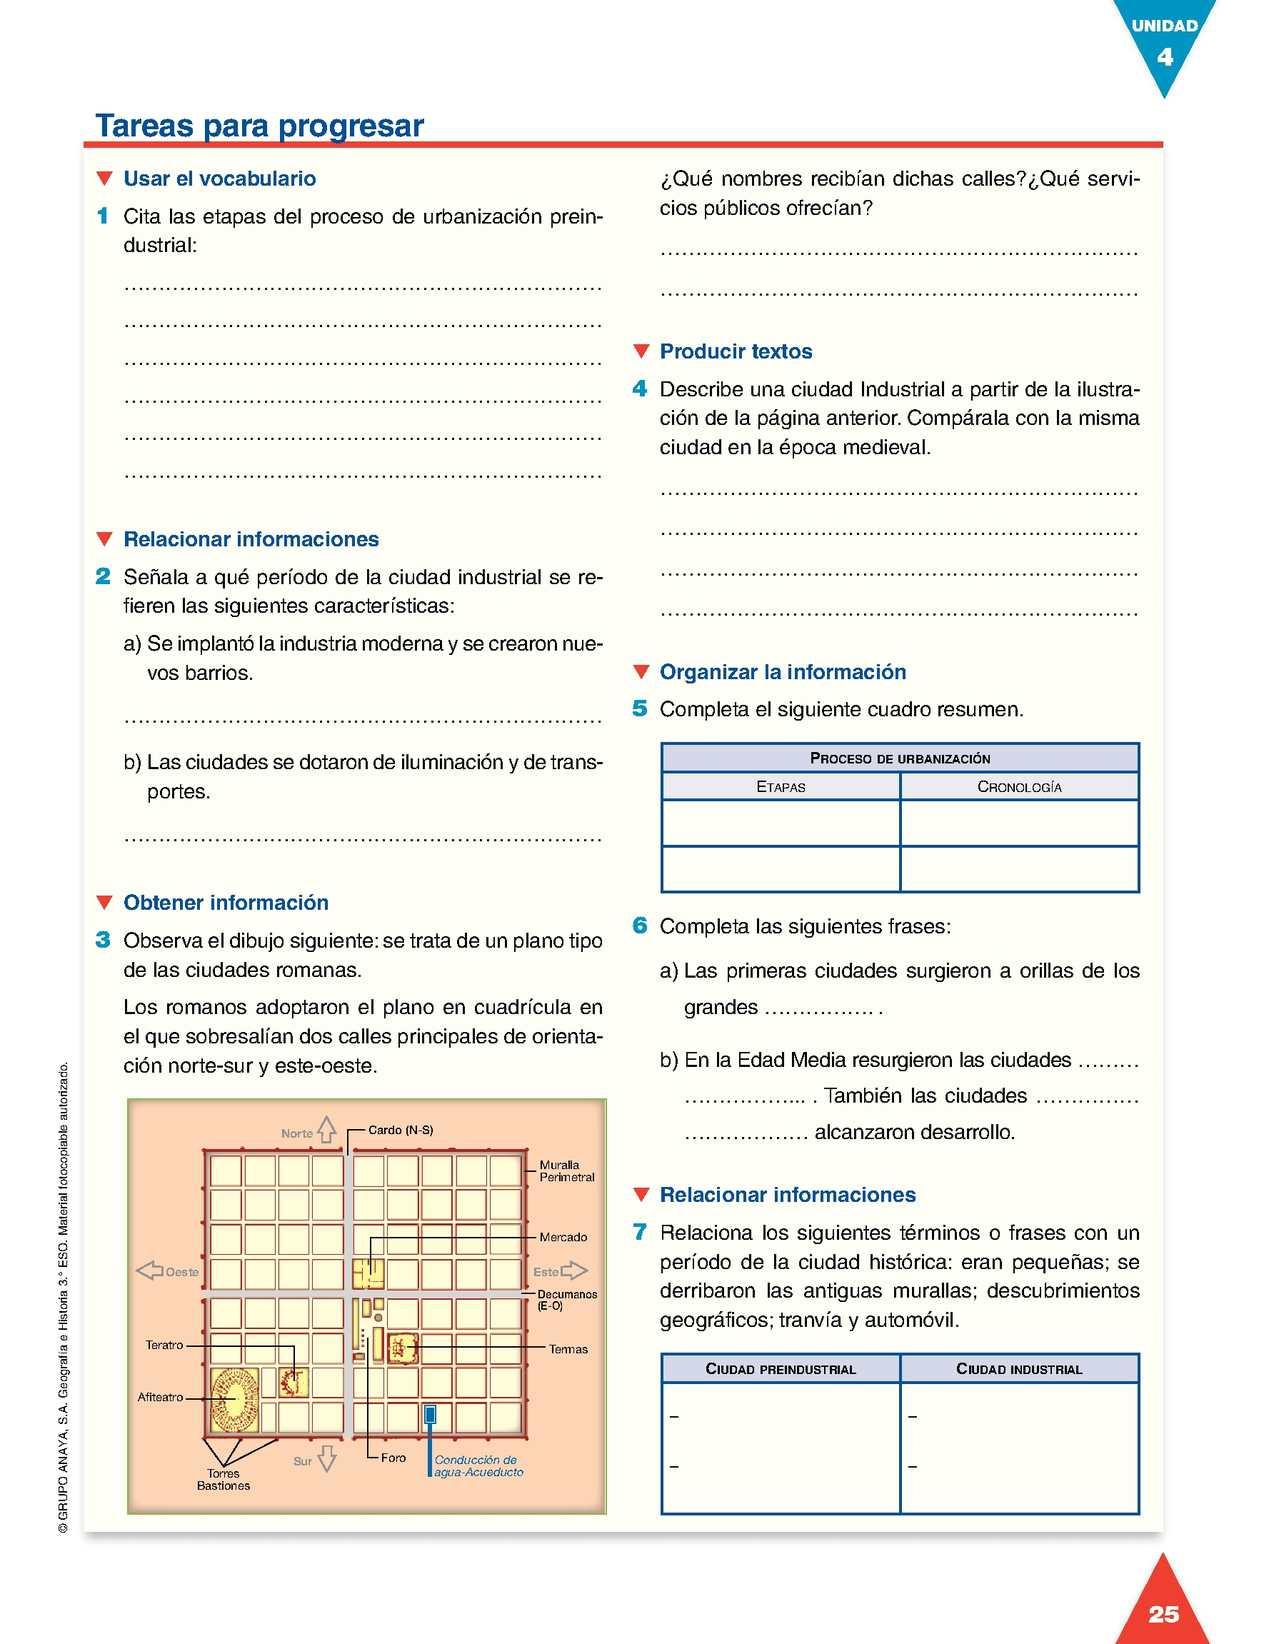 CALAMEO PDF Downloader